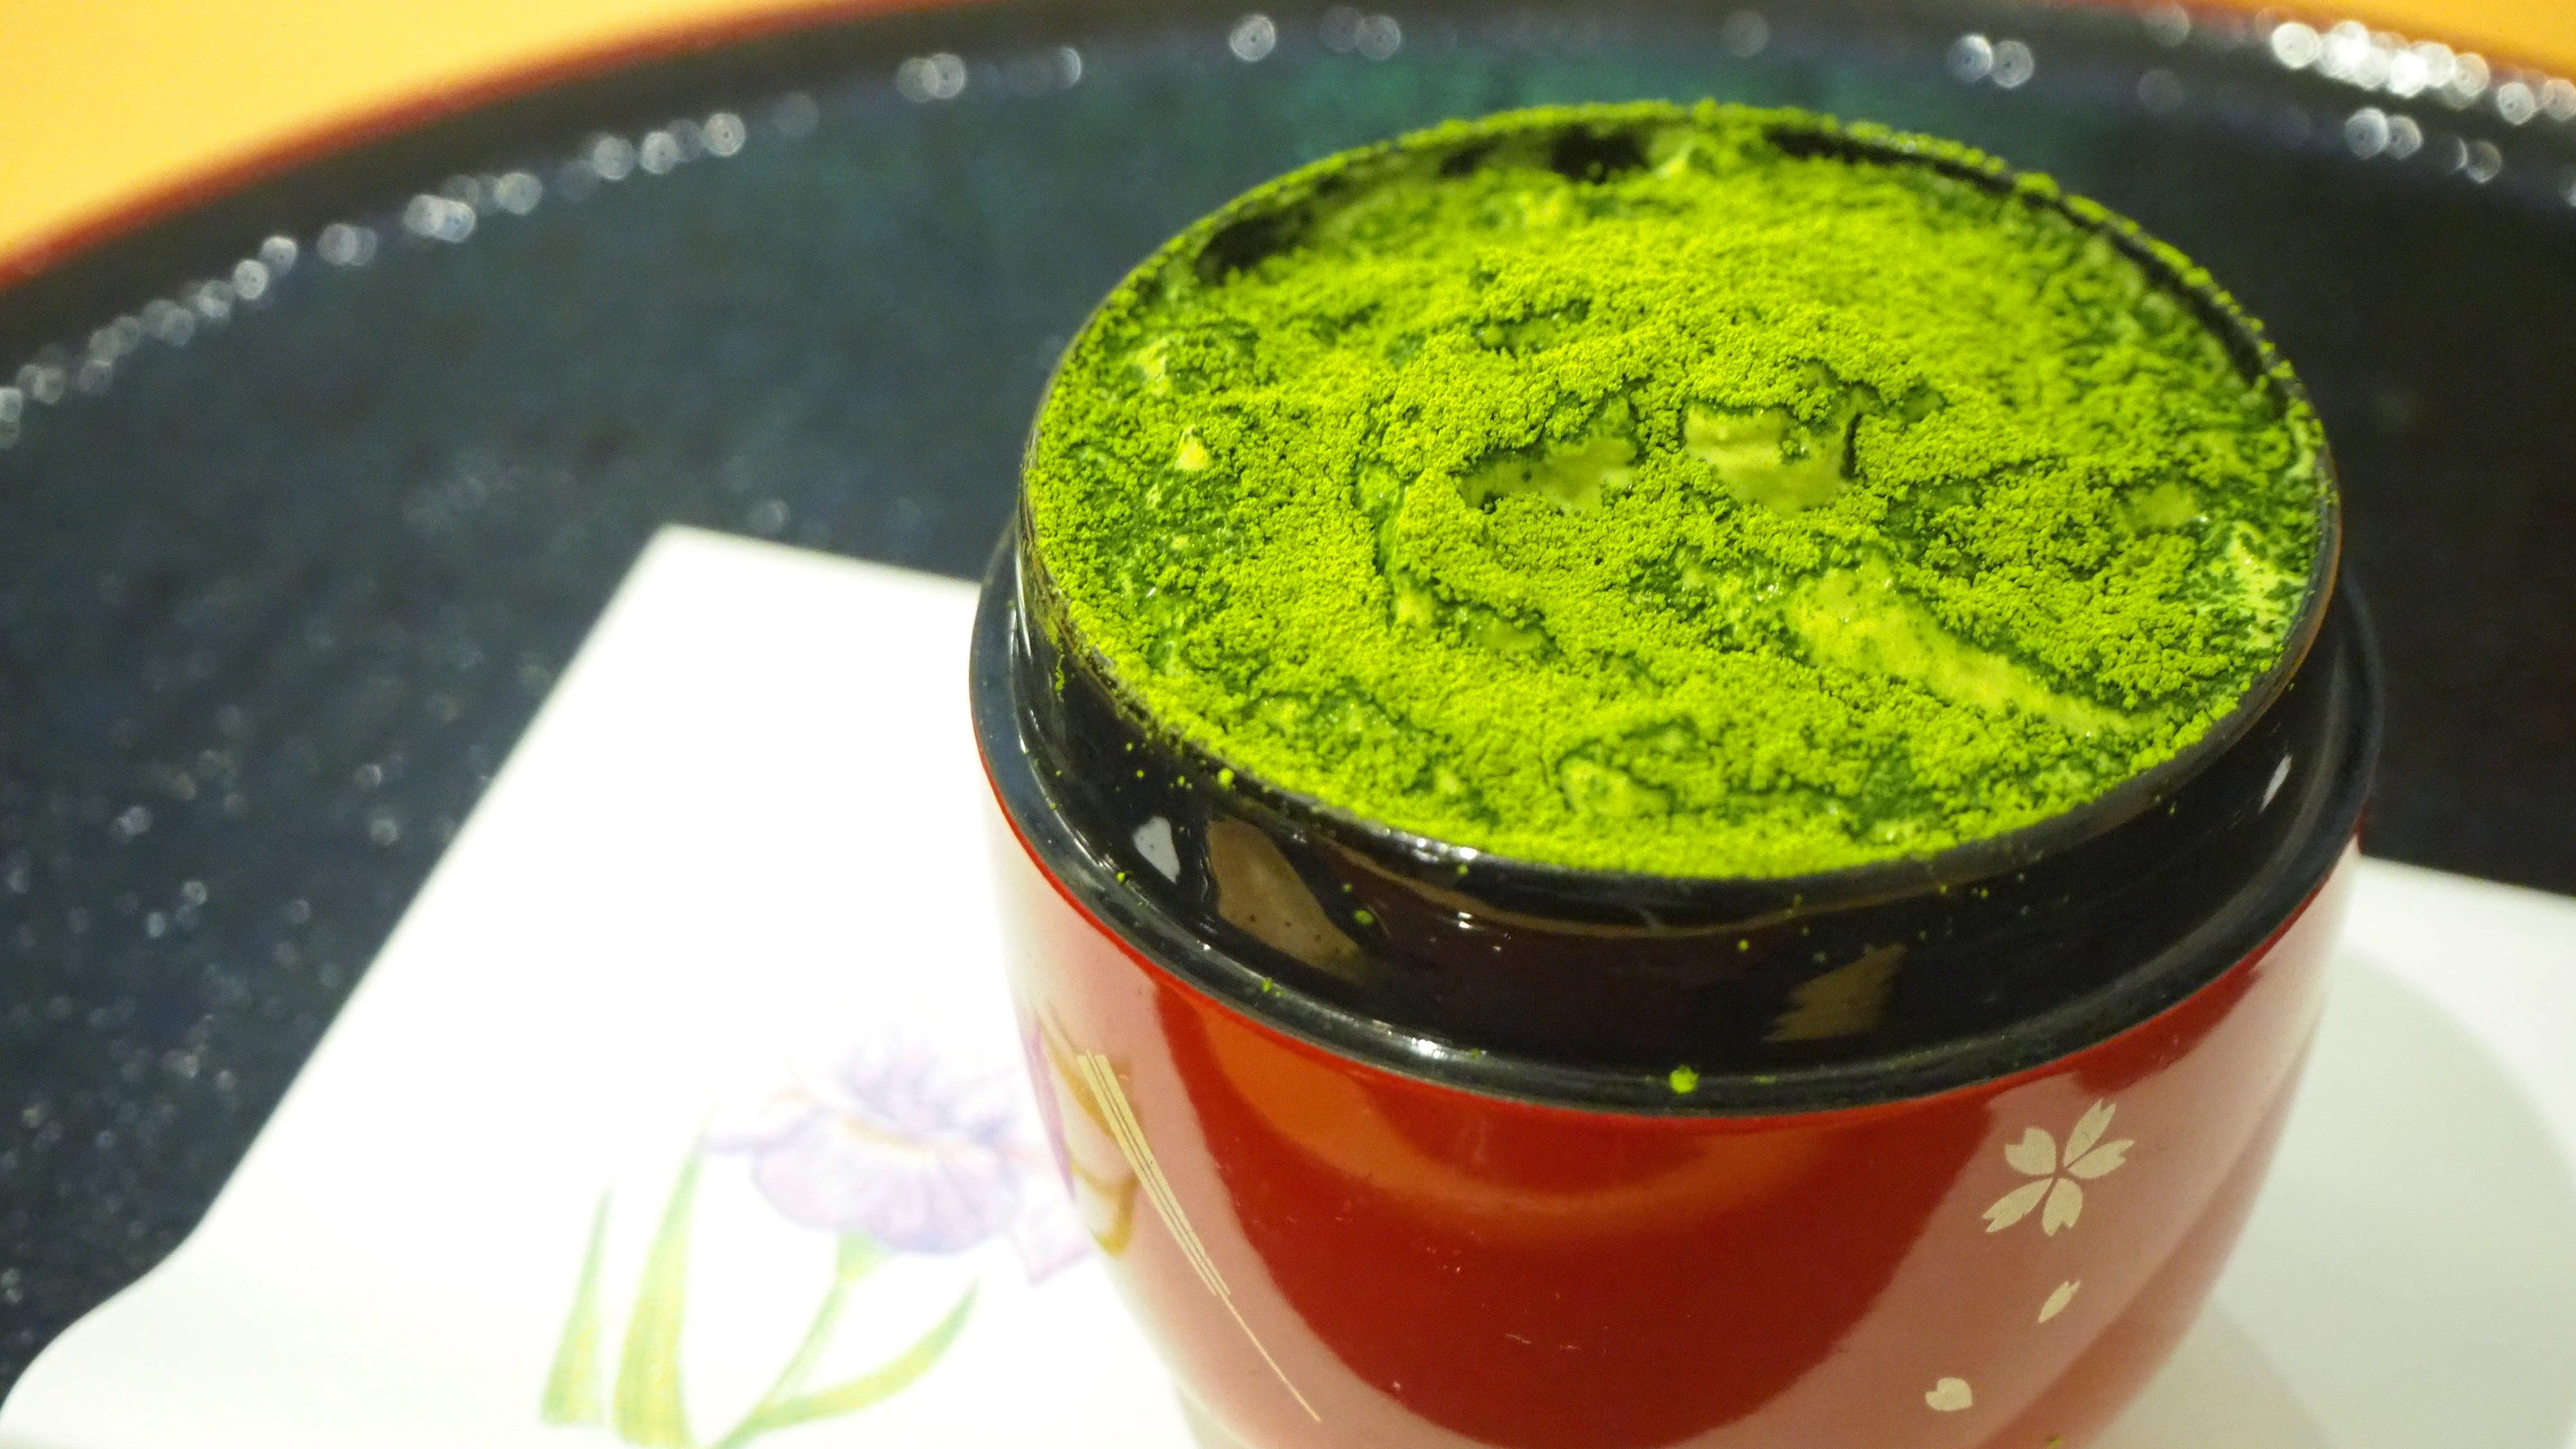 名古屋を代表する抹茶専門店「茶々助」で味わう、本格抹茶ティラミスやかき氷 - cha3